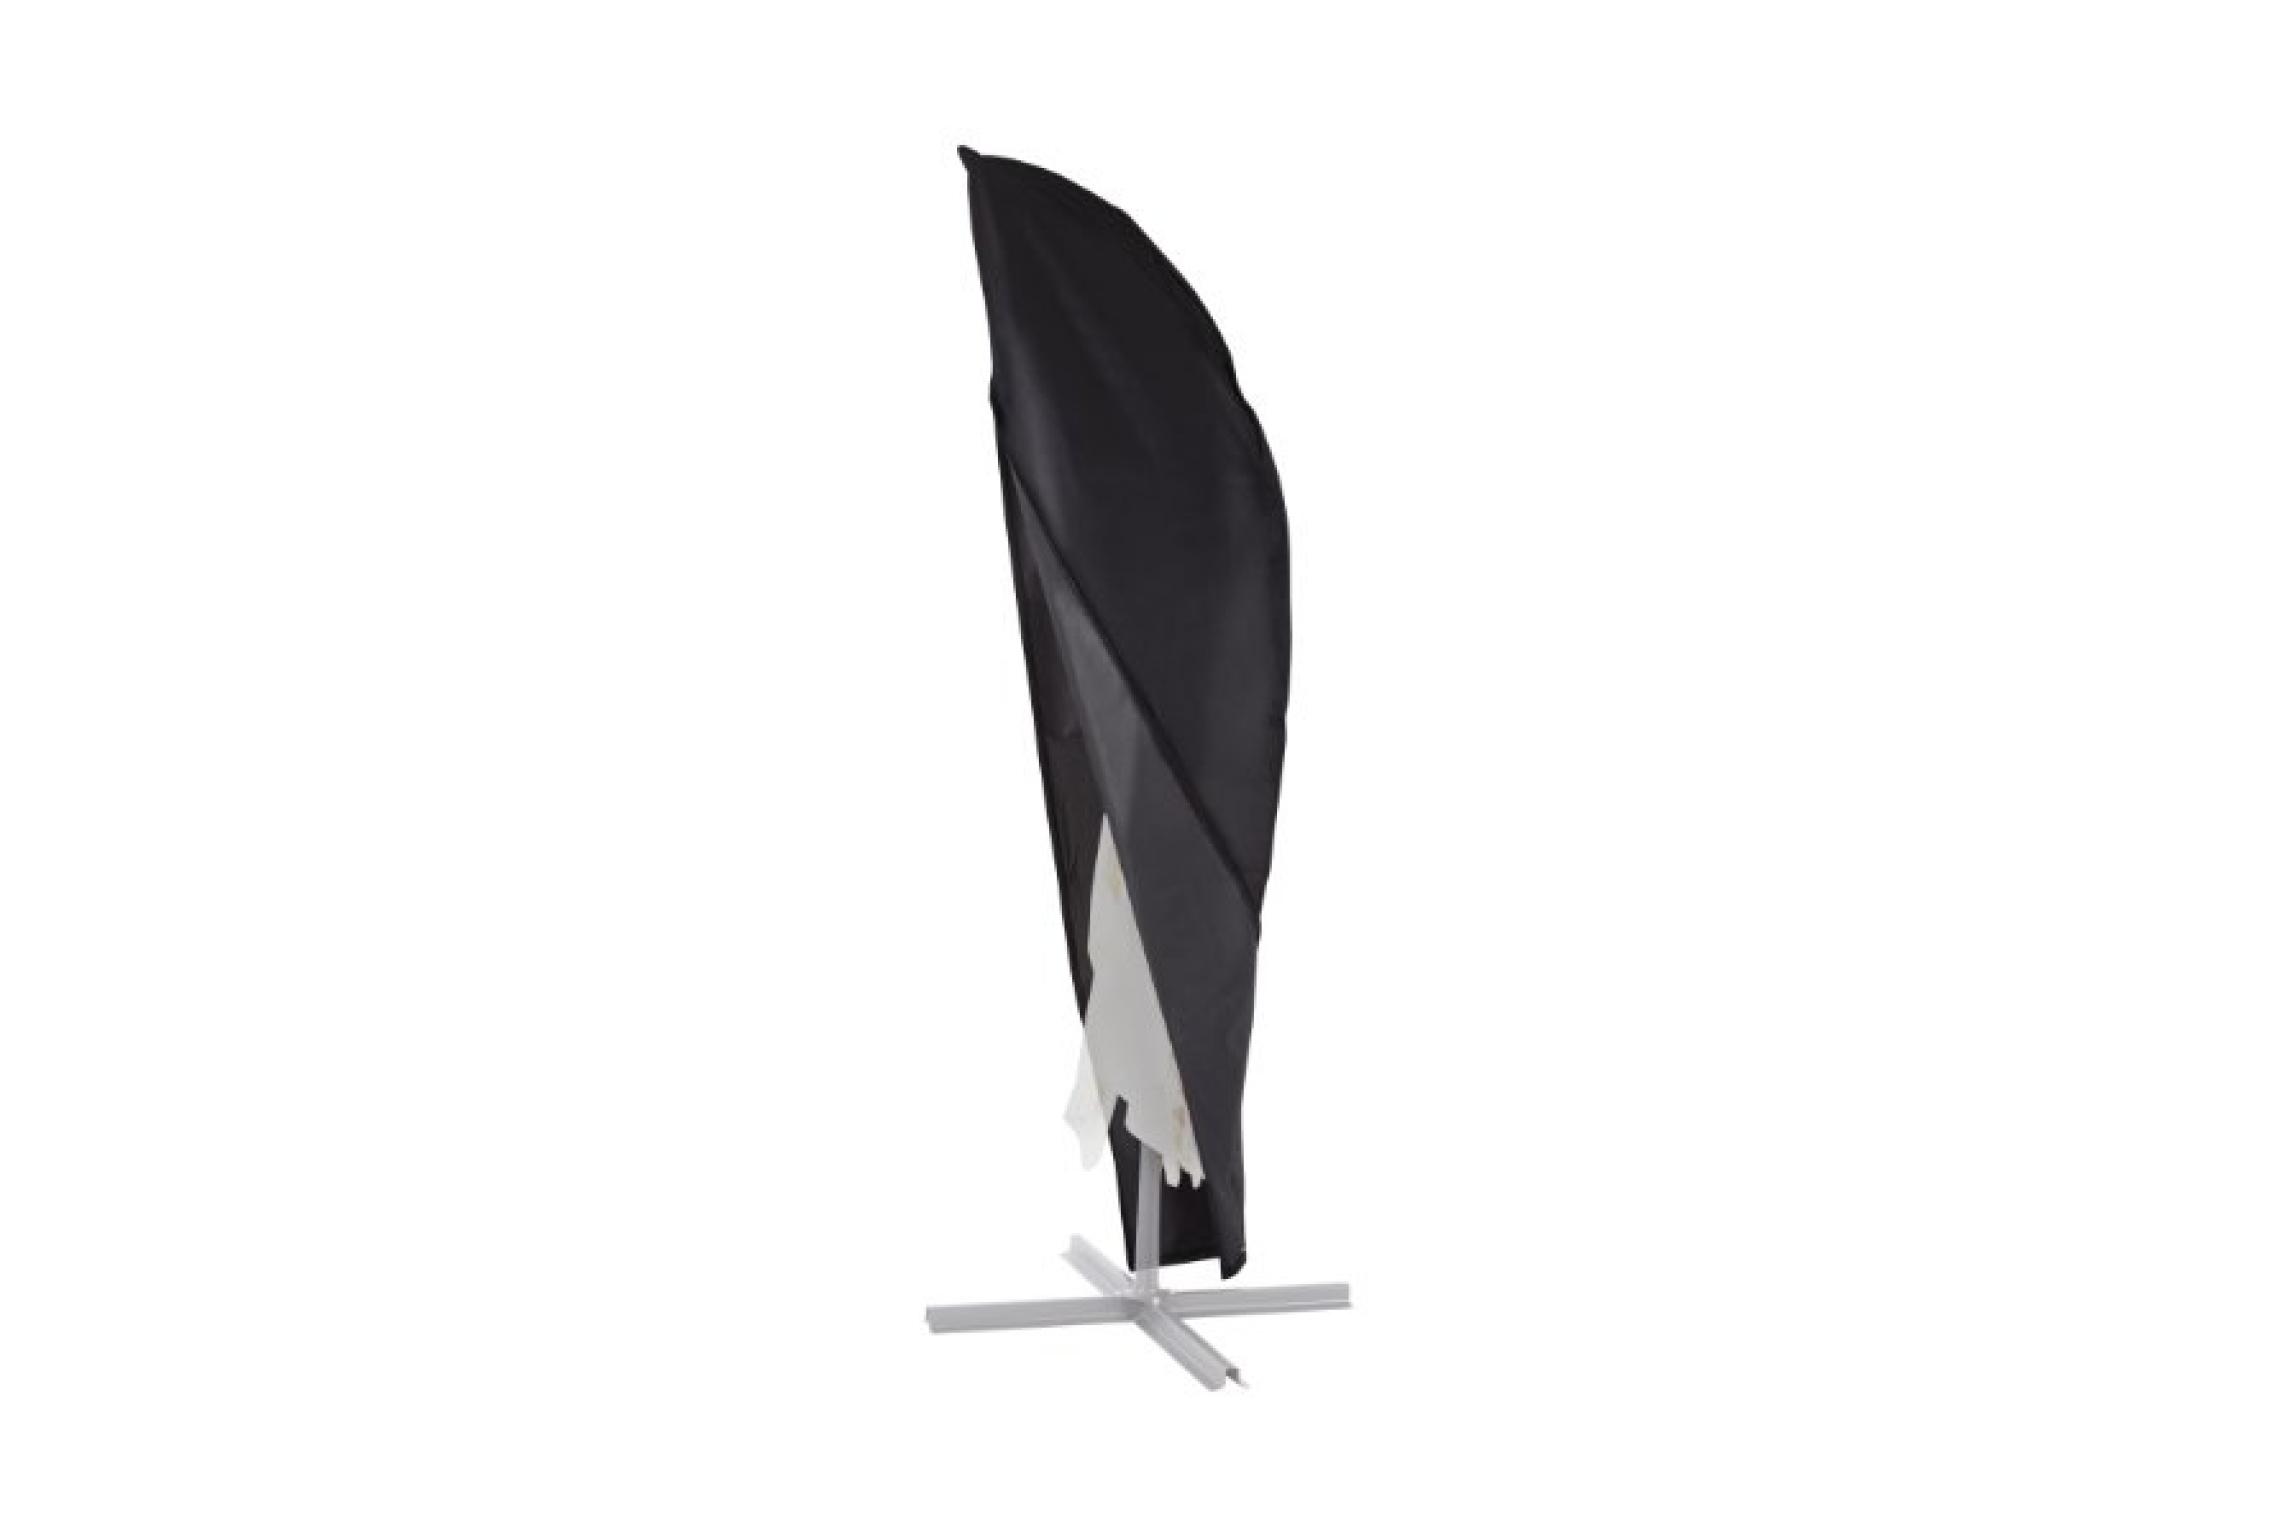 sonnenschirm schutzh lle test 2017 top 7 sonnenschirm schutzh llen expertesto. Black Bedroom Furniture Sets. Home Design Ideas